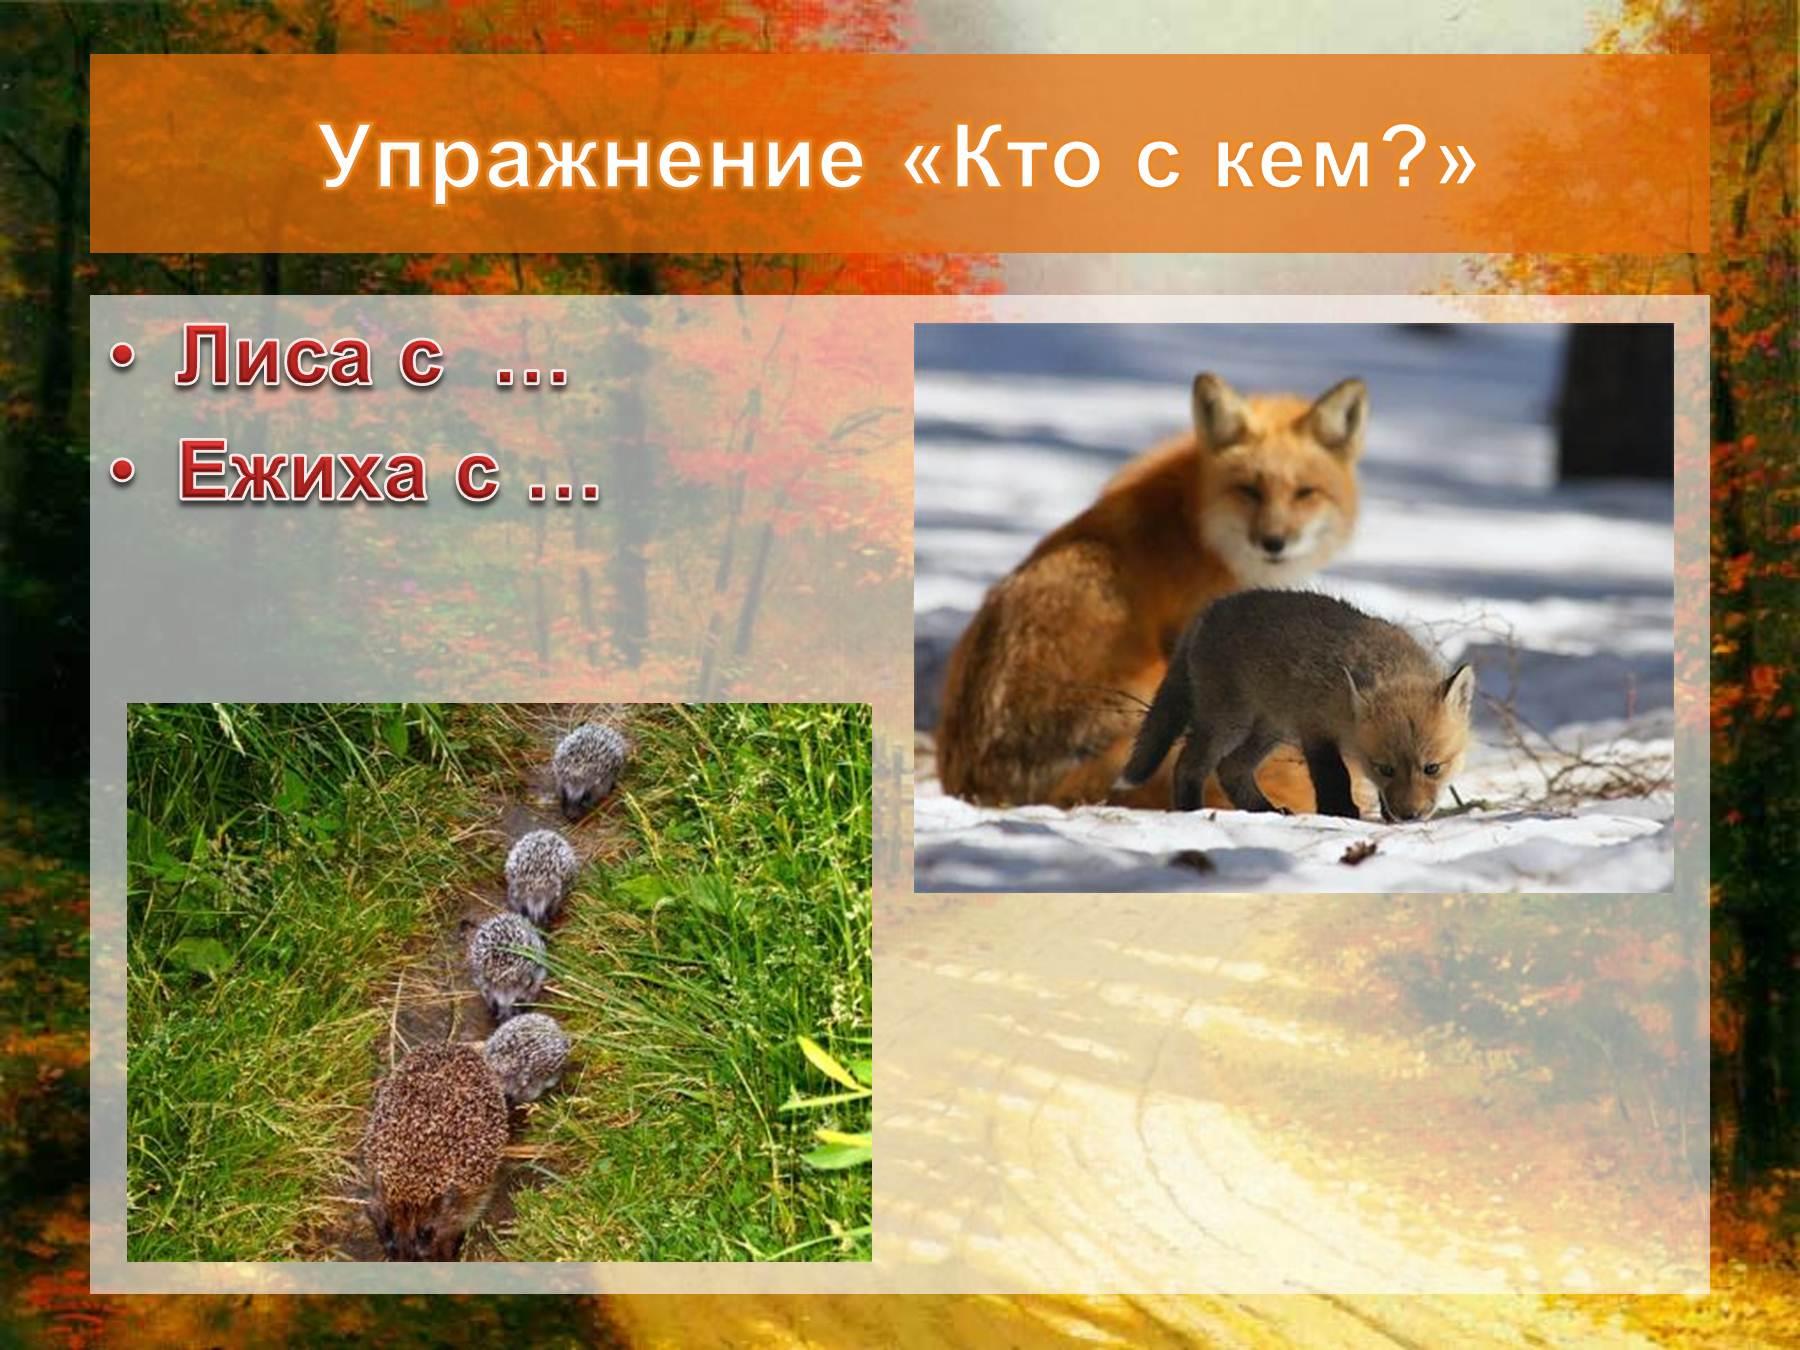 стене покупке дикие животные урала фото и описание доктор варун подал